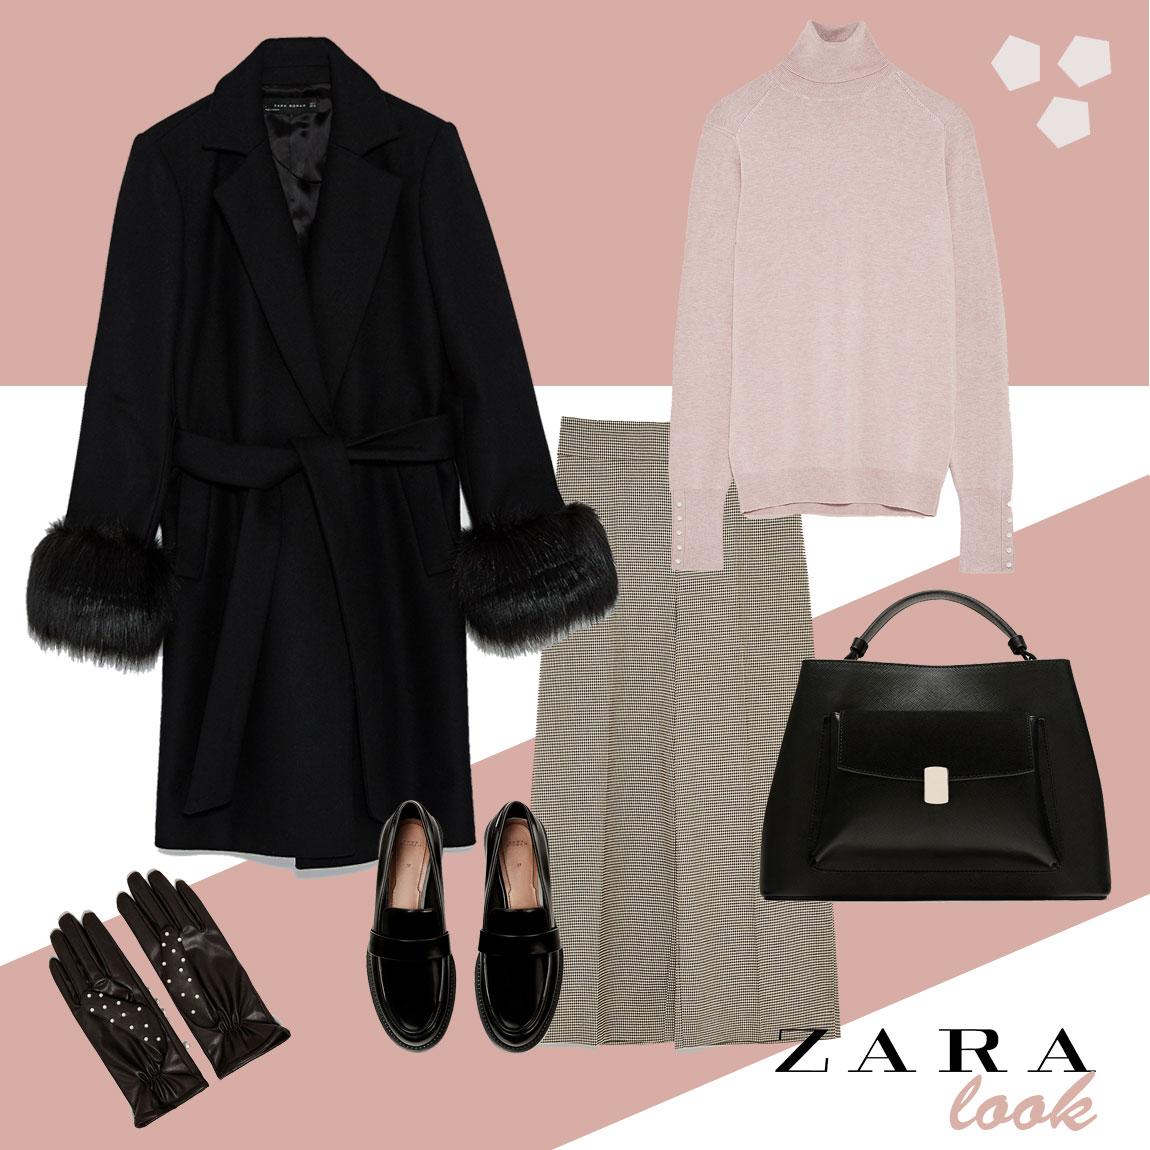 rdeco_zara-look-pink